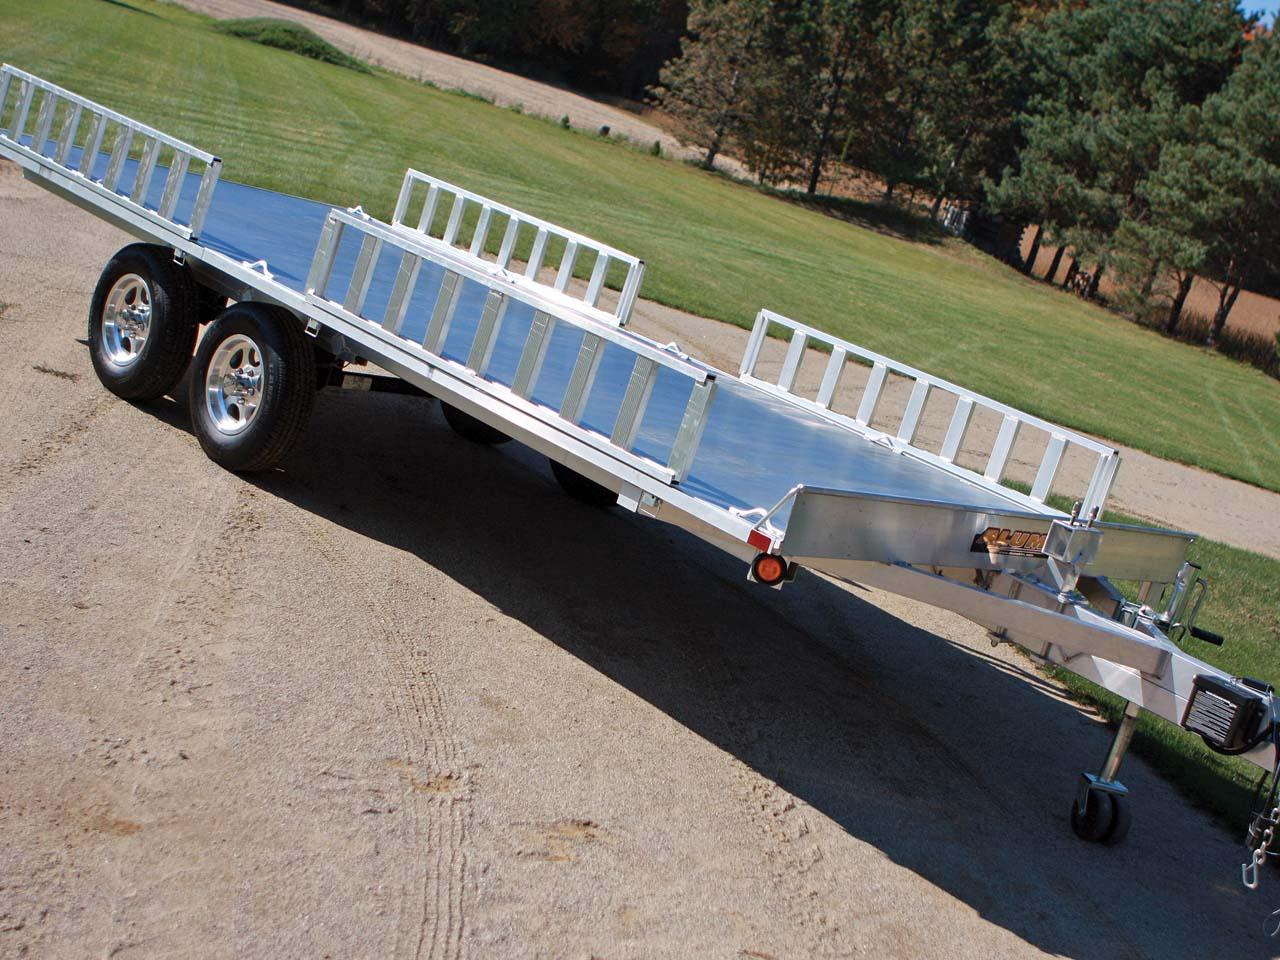 trailer wiring diagram 4 pin flat images pin circle trailer wiring diagram 7 blade trailer wiring diagram 6